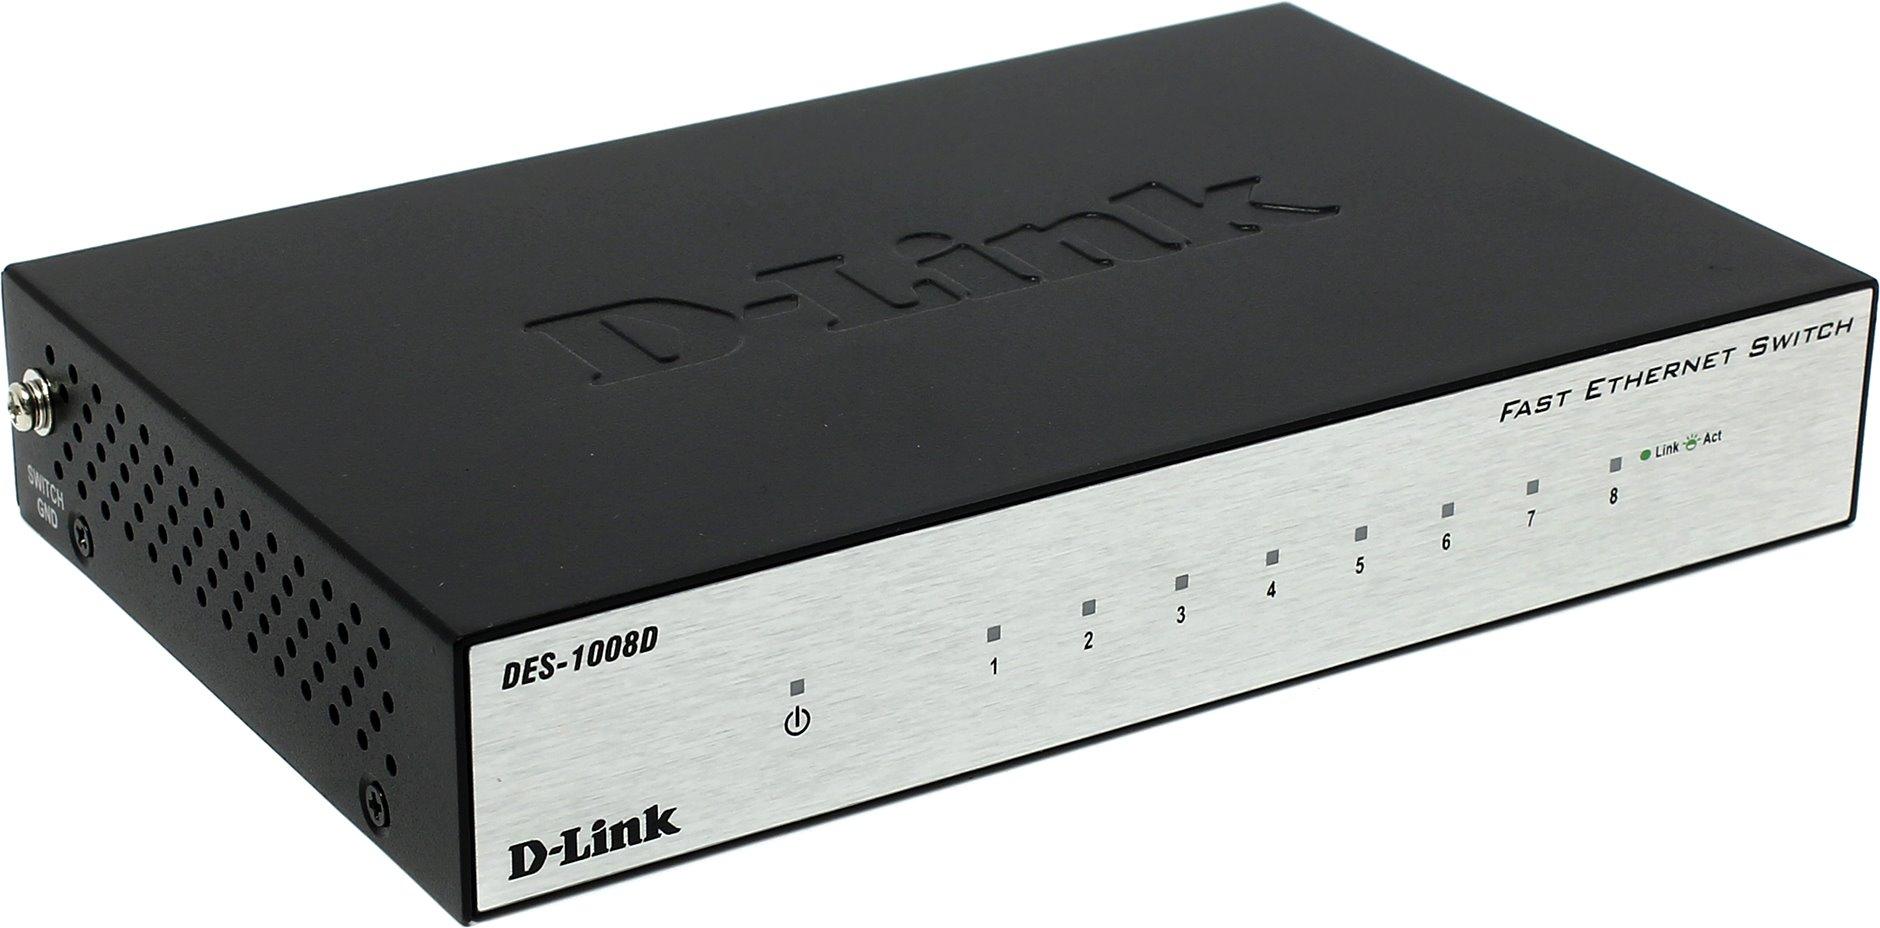 Коммутатор D-link DES-1008D, кол-во портов: 8x100 Мбит/с (DES-1008D/L2B)